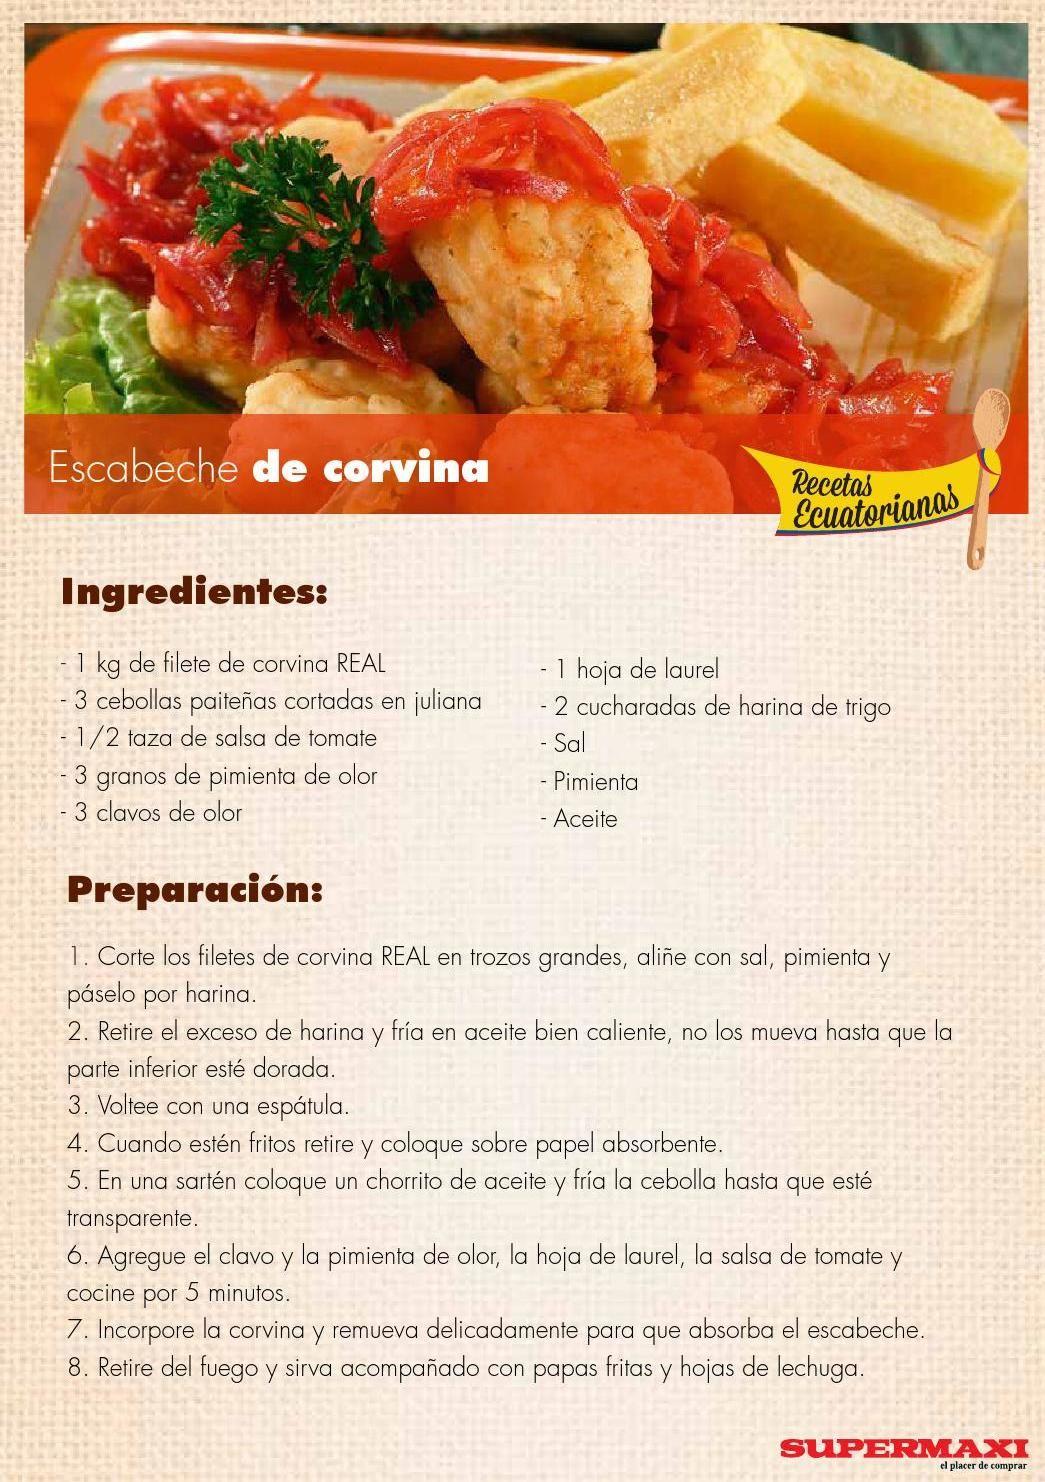 Recetas ecuatorianas recetas ecuatorianas recetas y for Ingredientes para comida